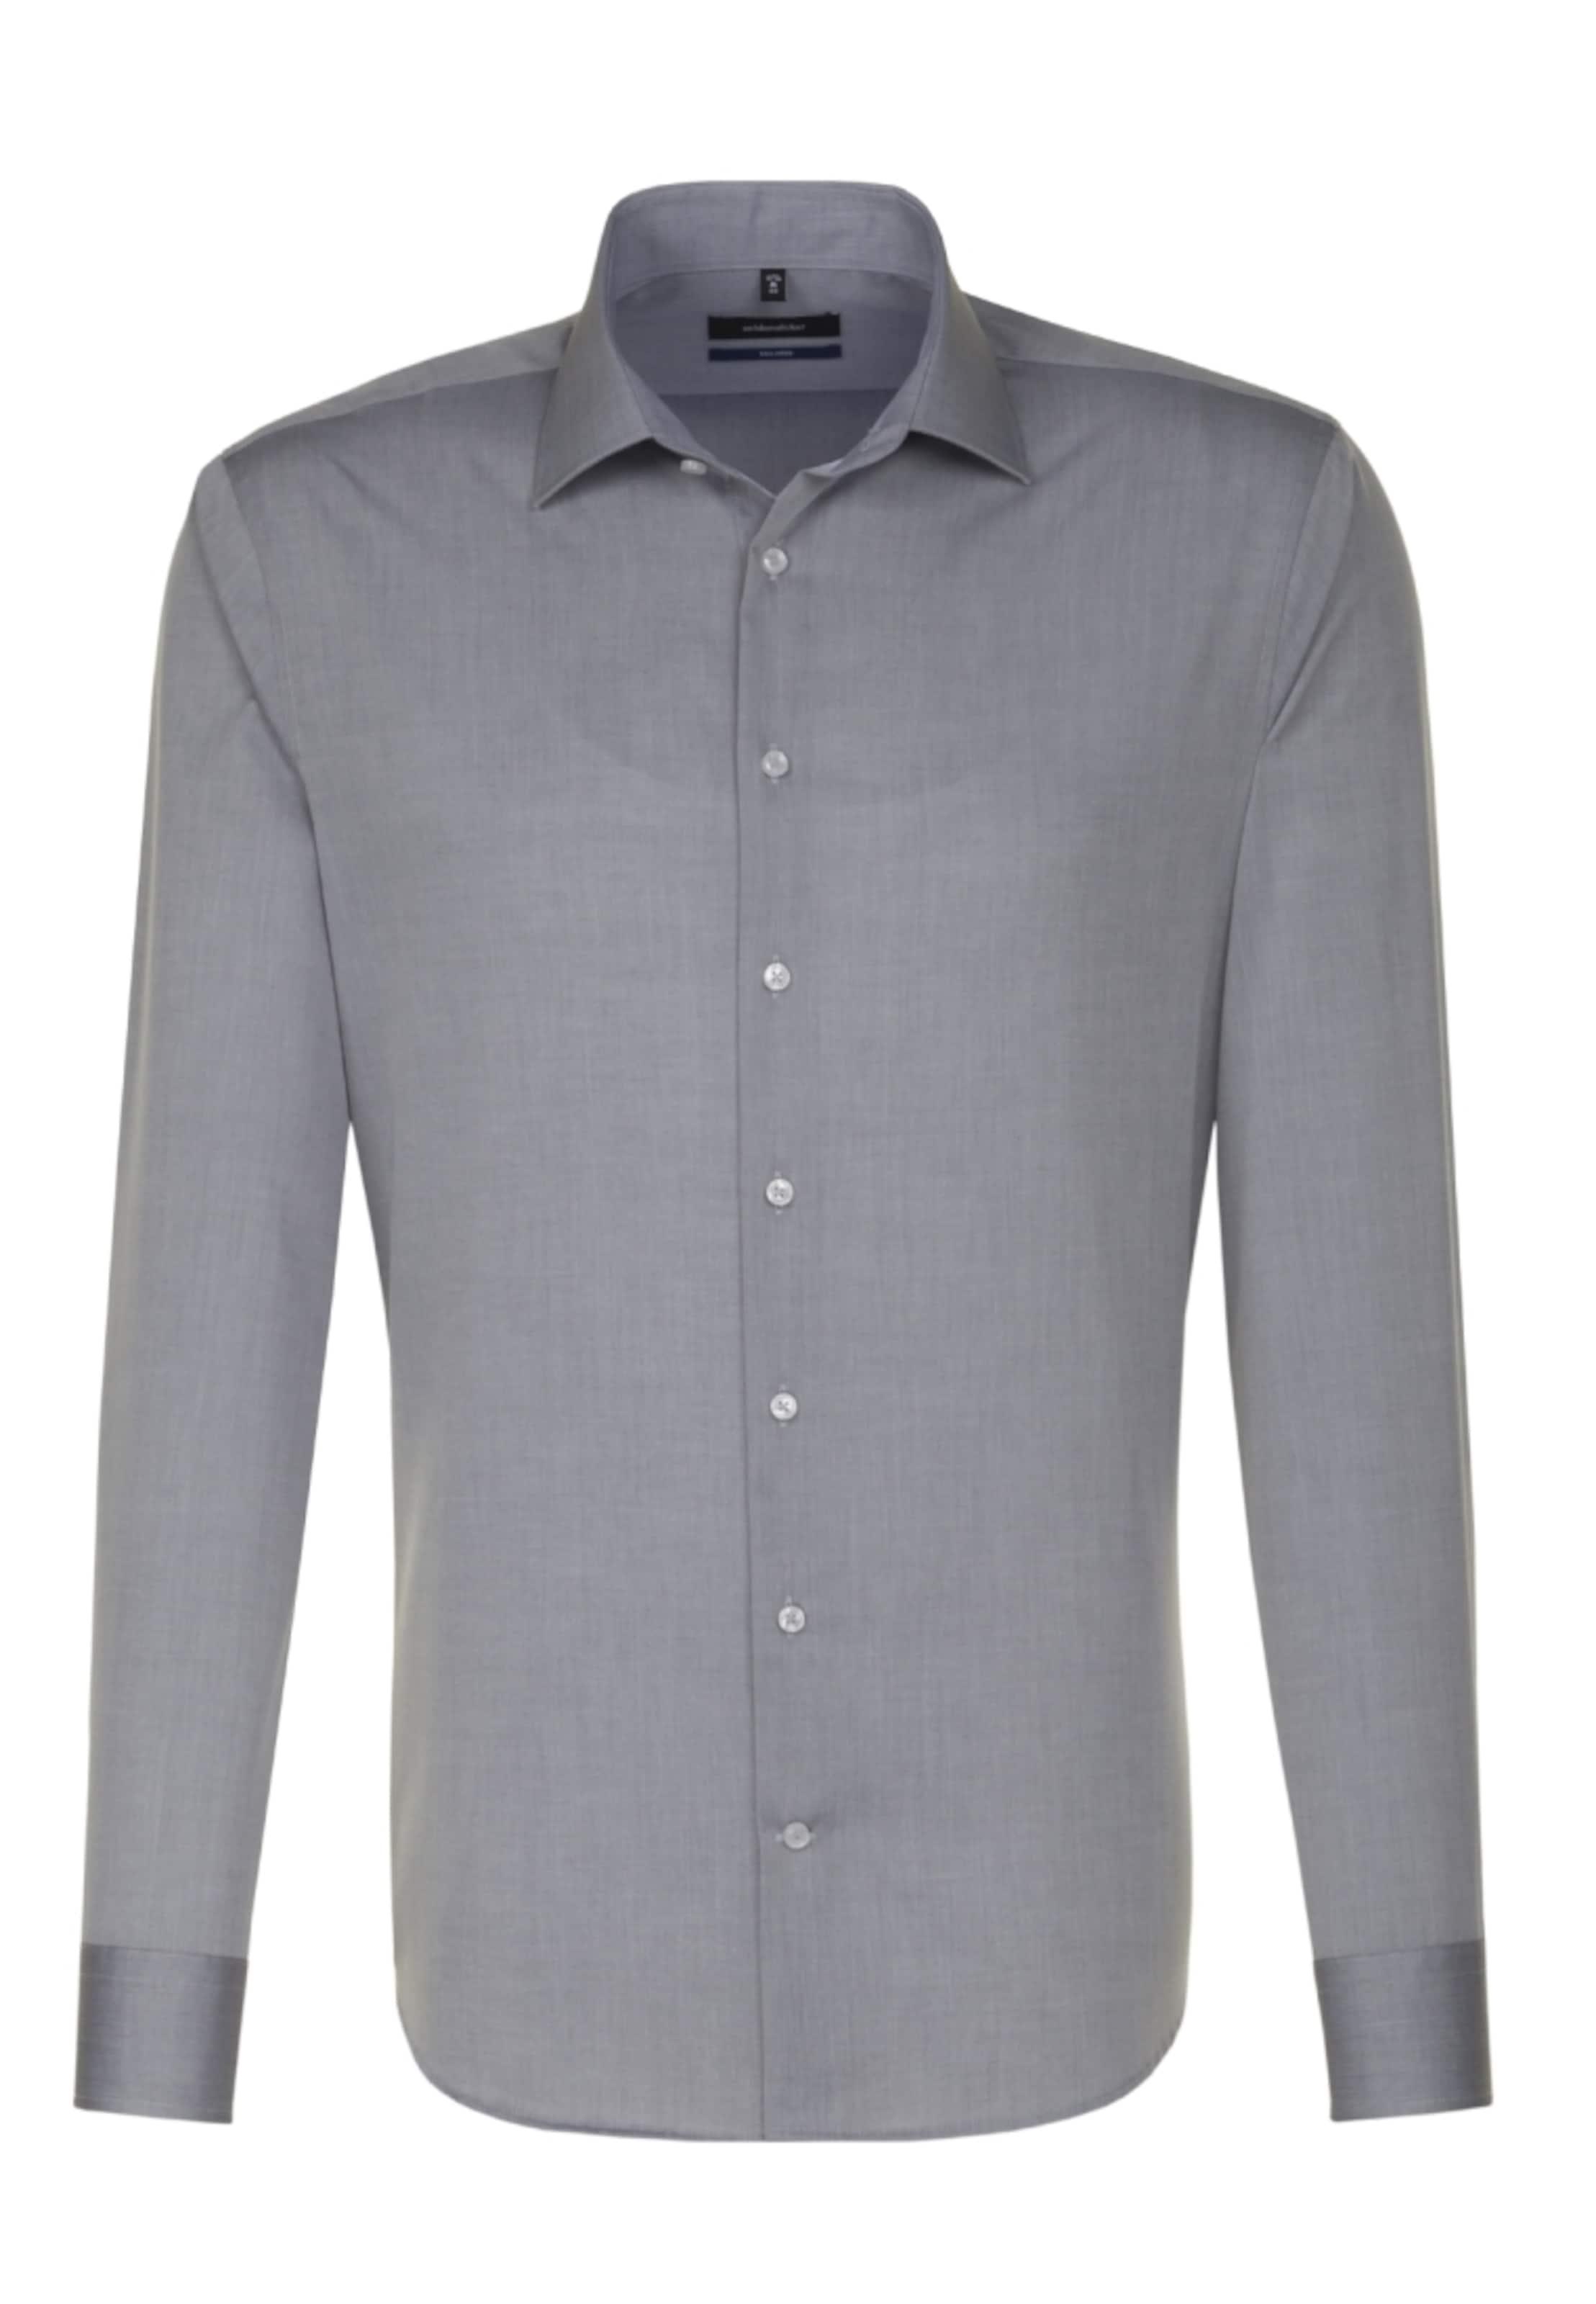 Verkauf Truhe Bilder SEIDENSTICKER City-Hemd 'Tailored' Sie Günstig Online Qualität Kaufen Authentische Online Besuchen Neue Günstig Online Verkauf Manchester Großer Verkauf rymNhw8